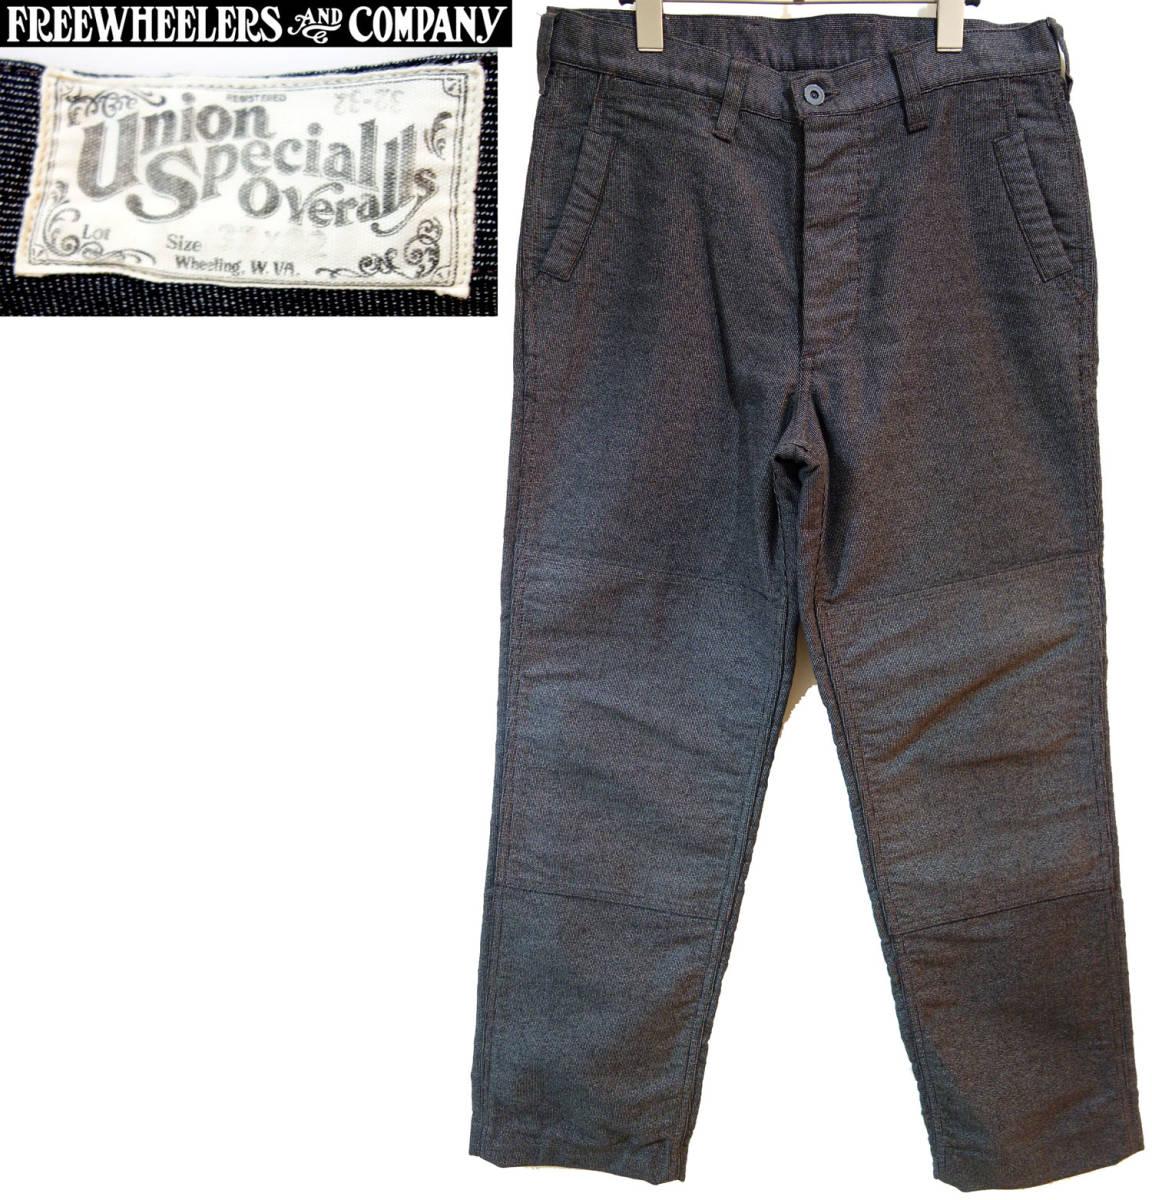 お買取商品フリーホイーラーズFREEWHEELERS ユニオンスペシャルオーバーオールズ膝二重パンツ